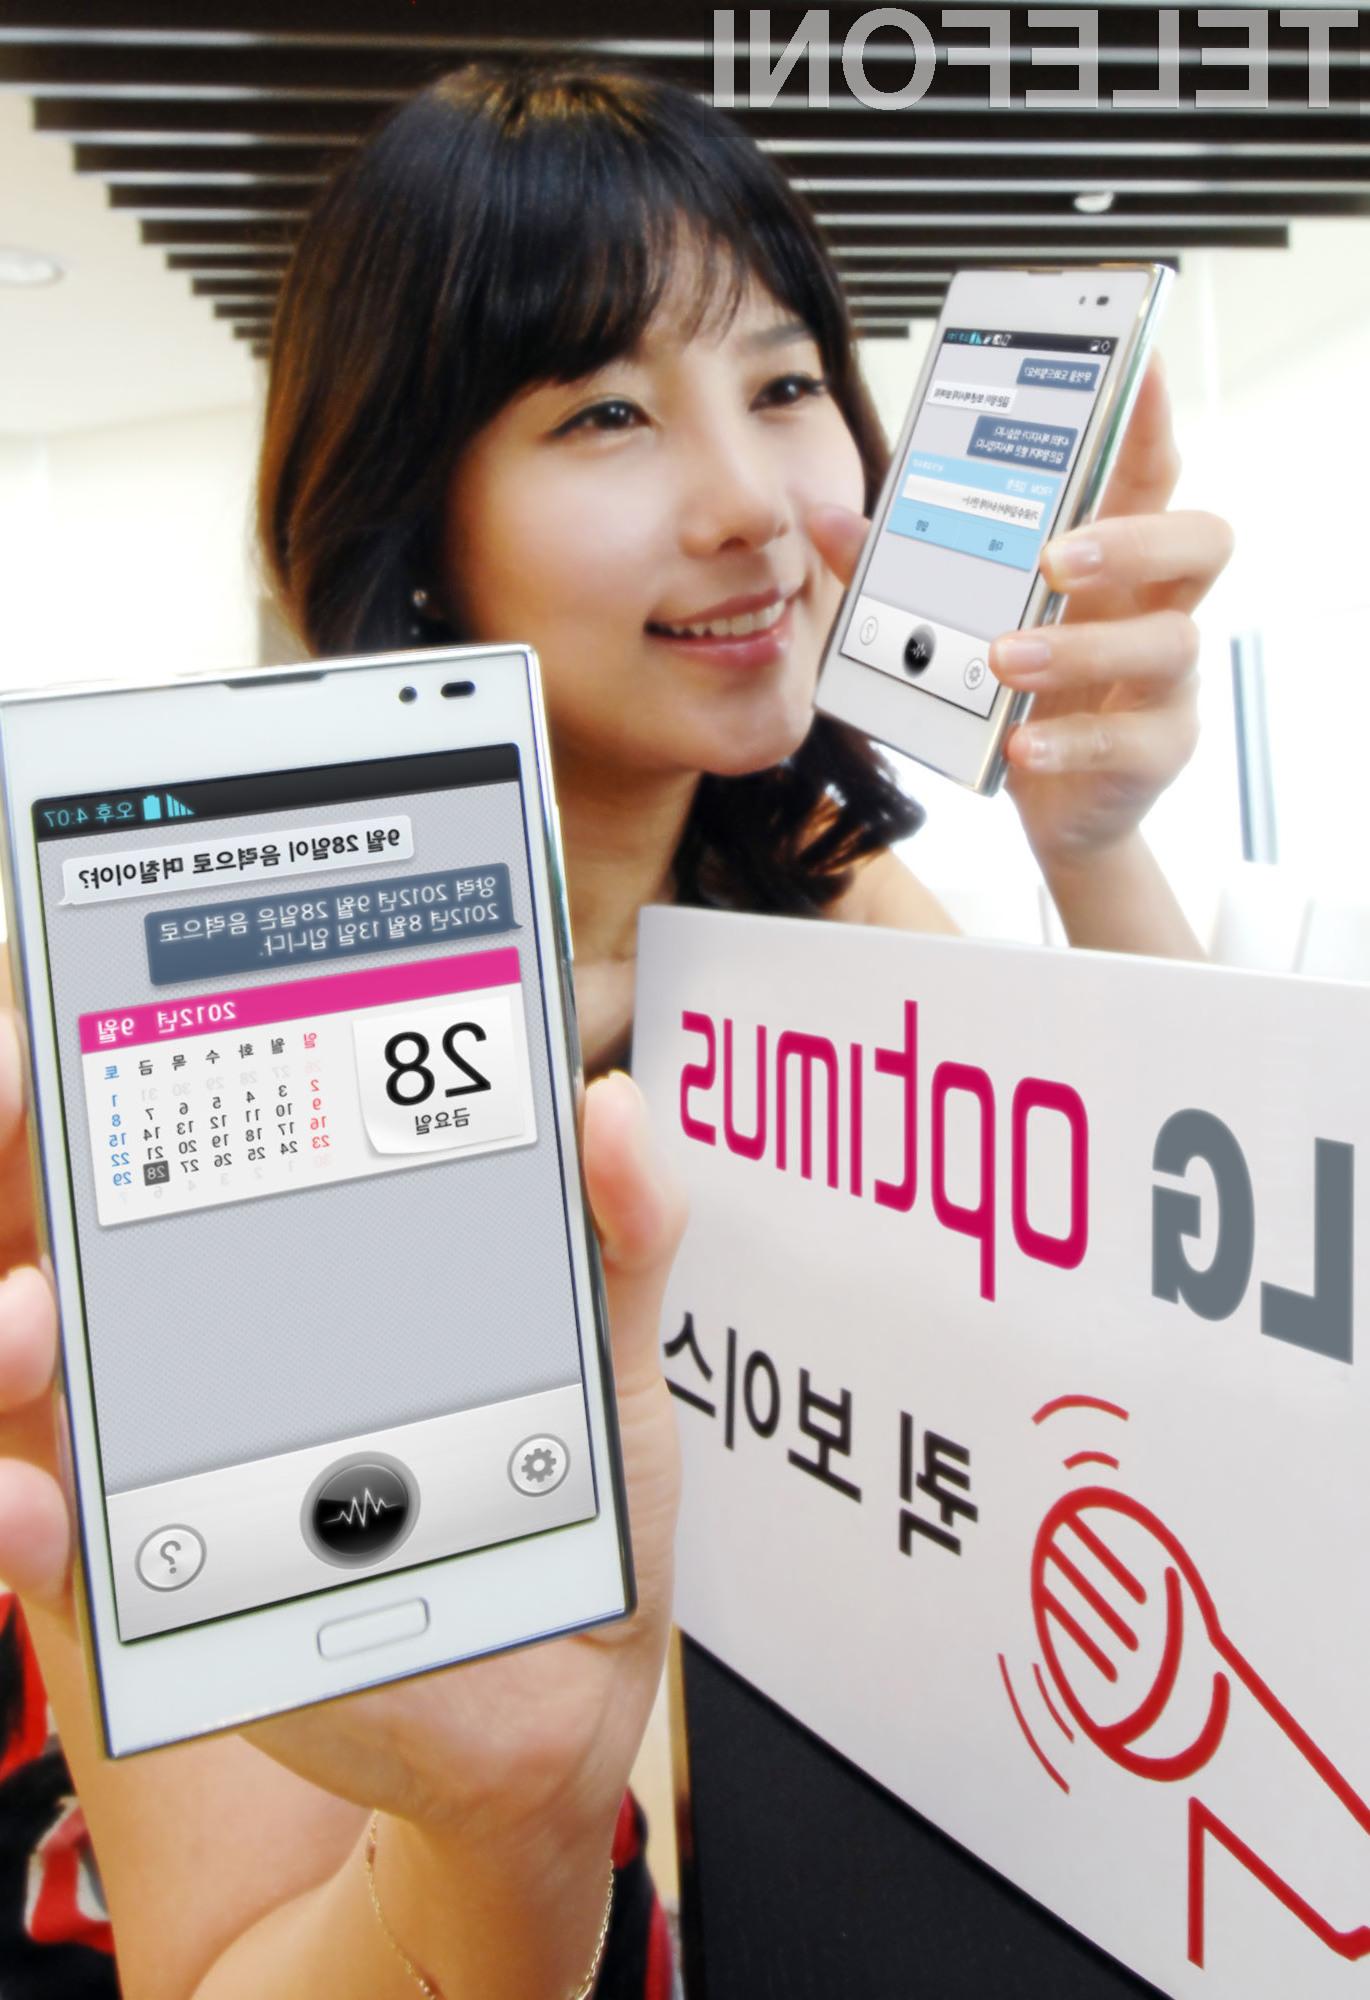 Svojega glasovnega asistenta so predstavili tudi pri LG-ju, ta pa nosi naziv Quick Voice.